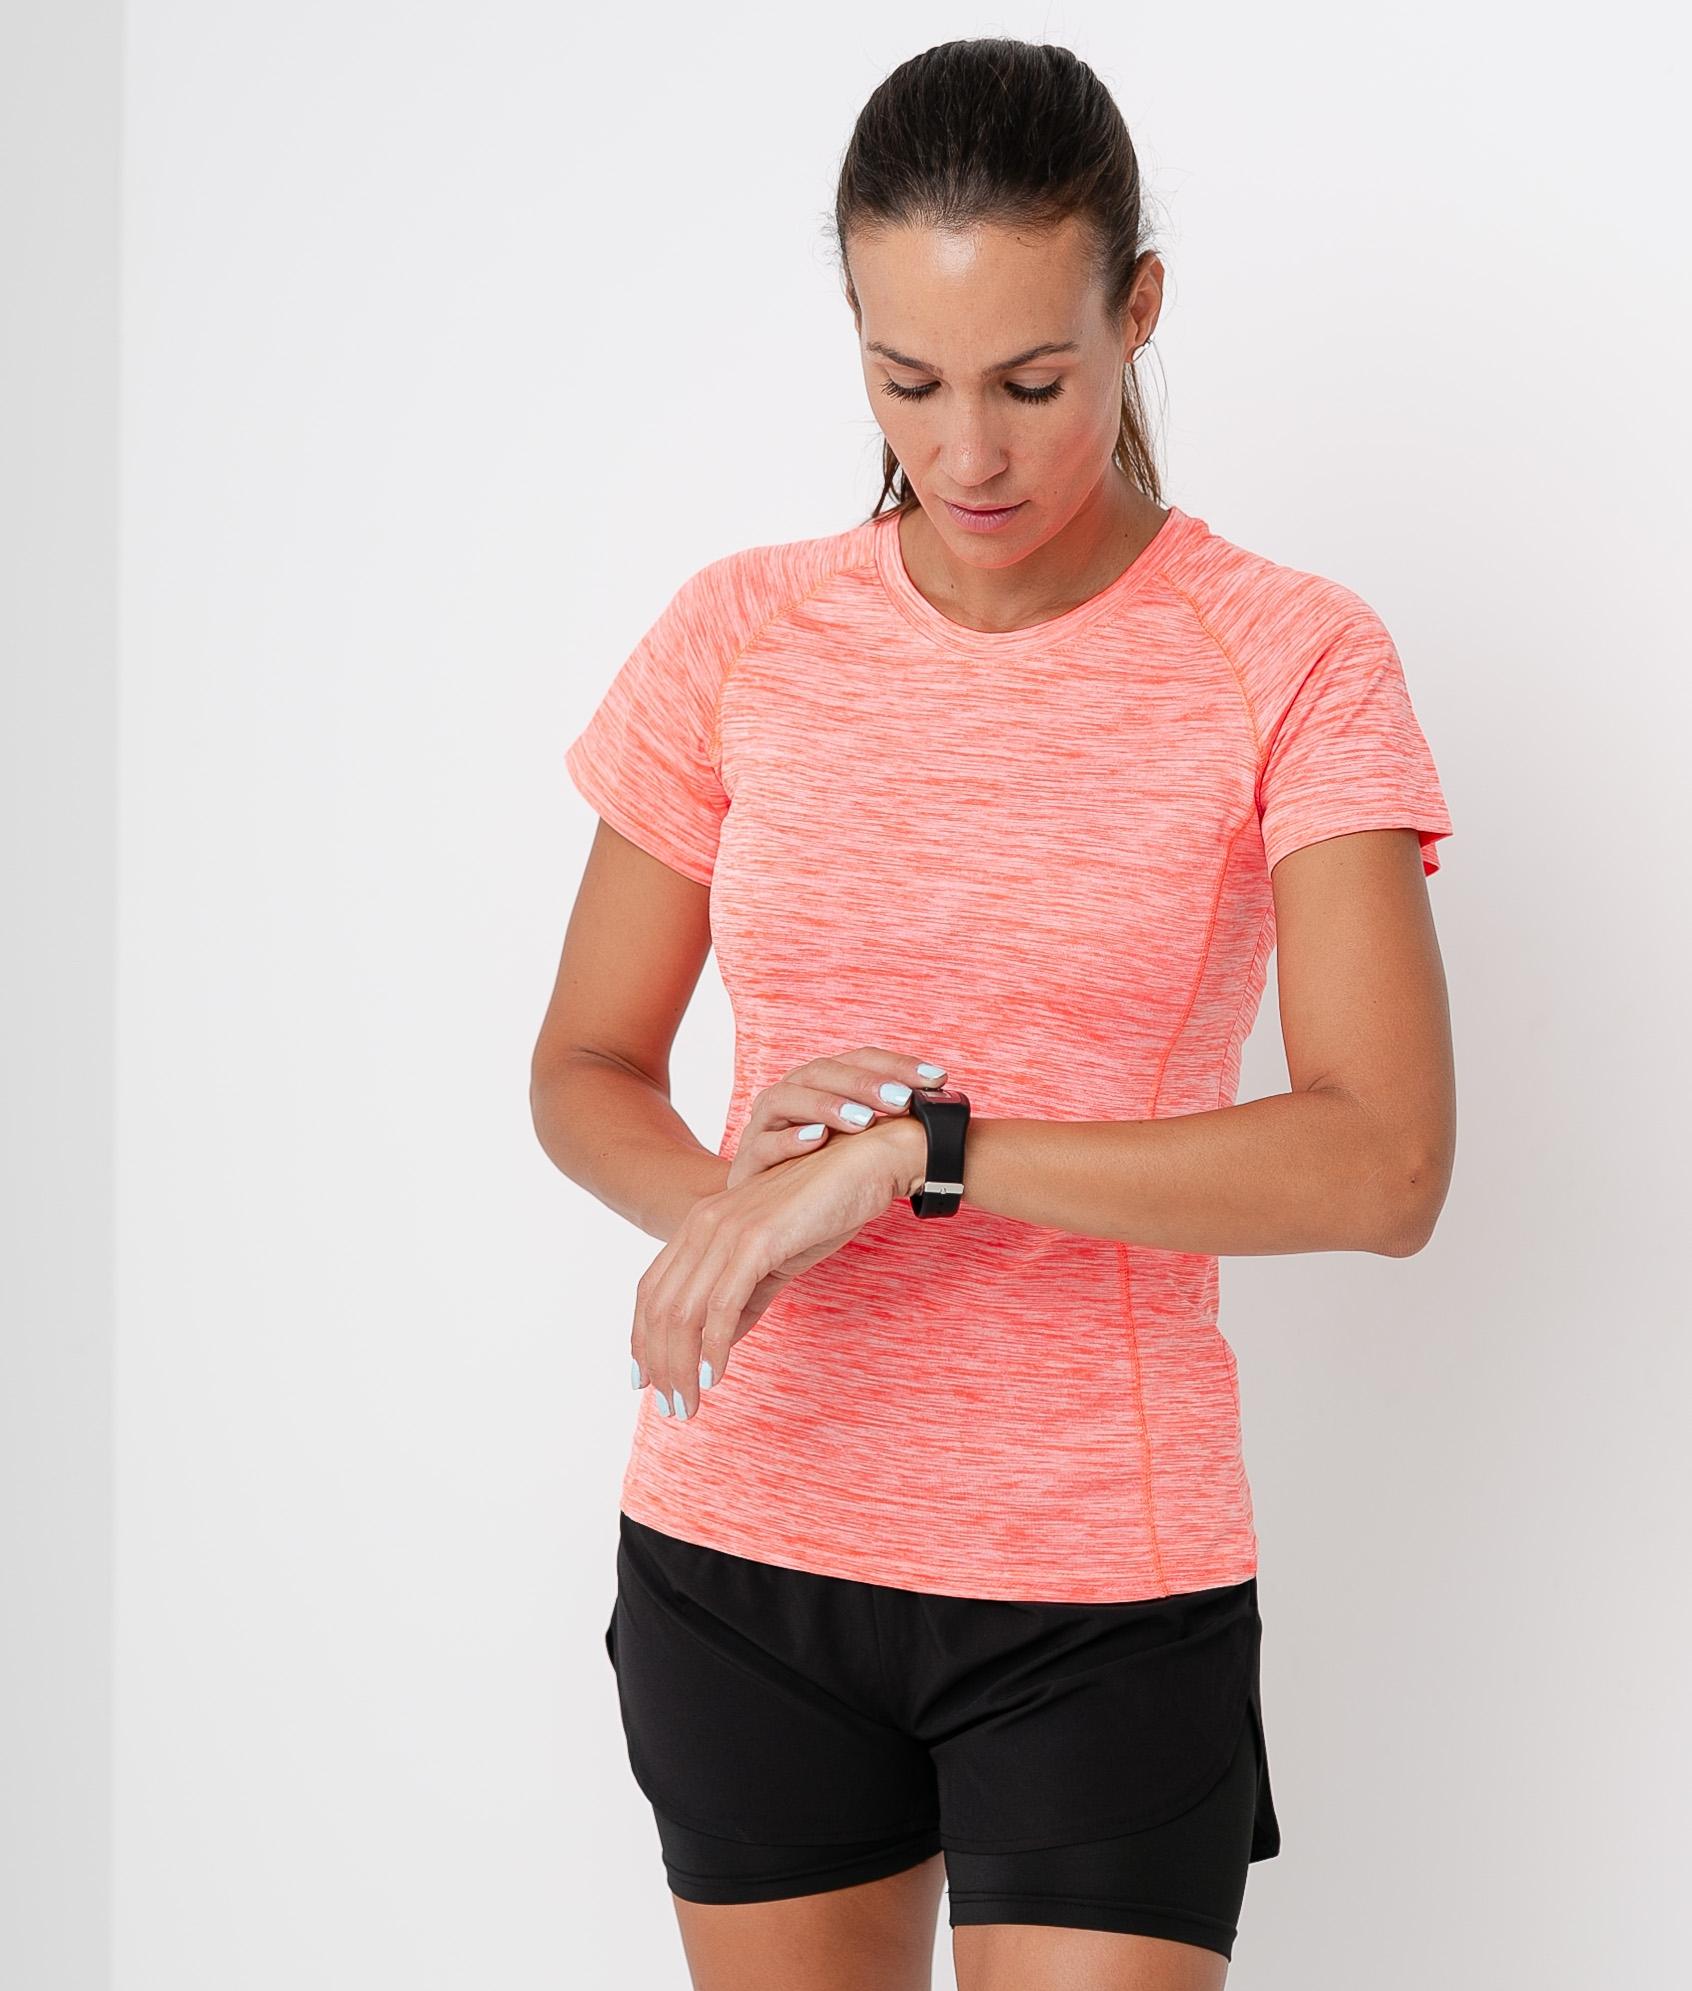 Camiseta Leira - Corail Fluor